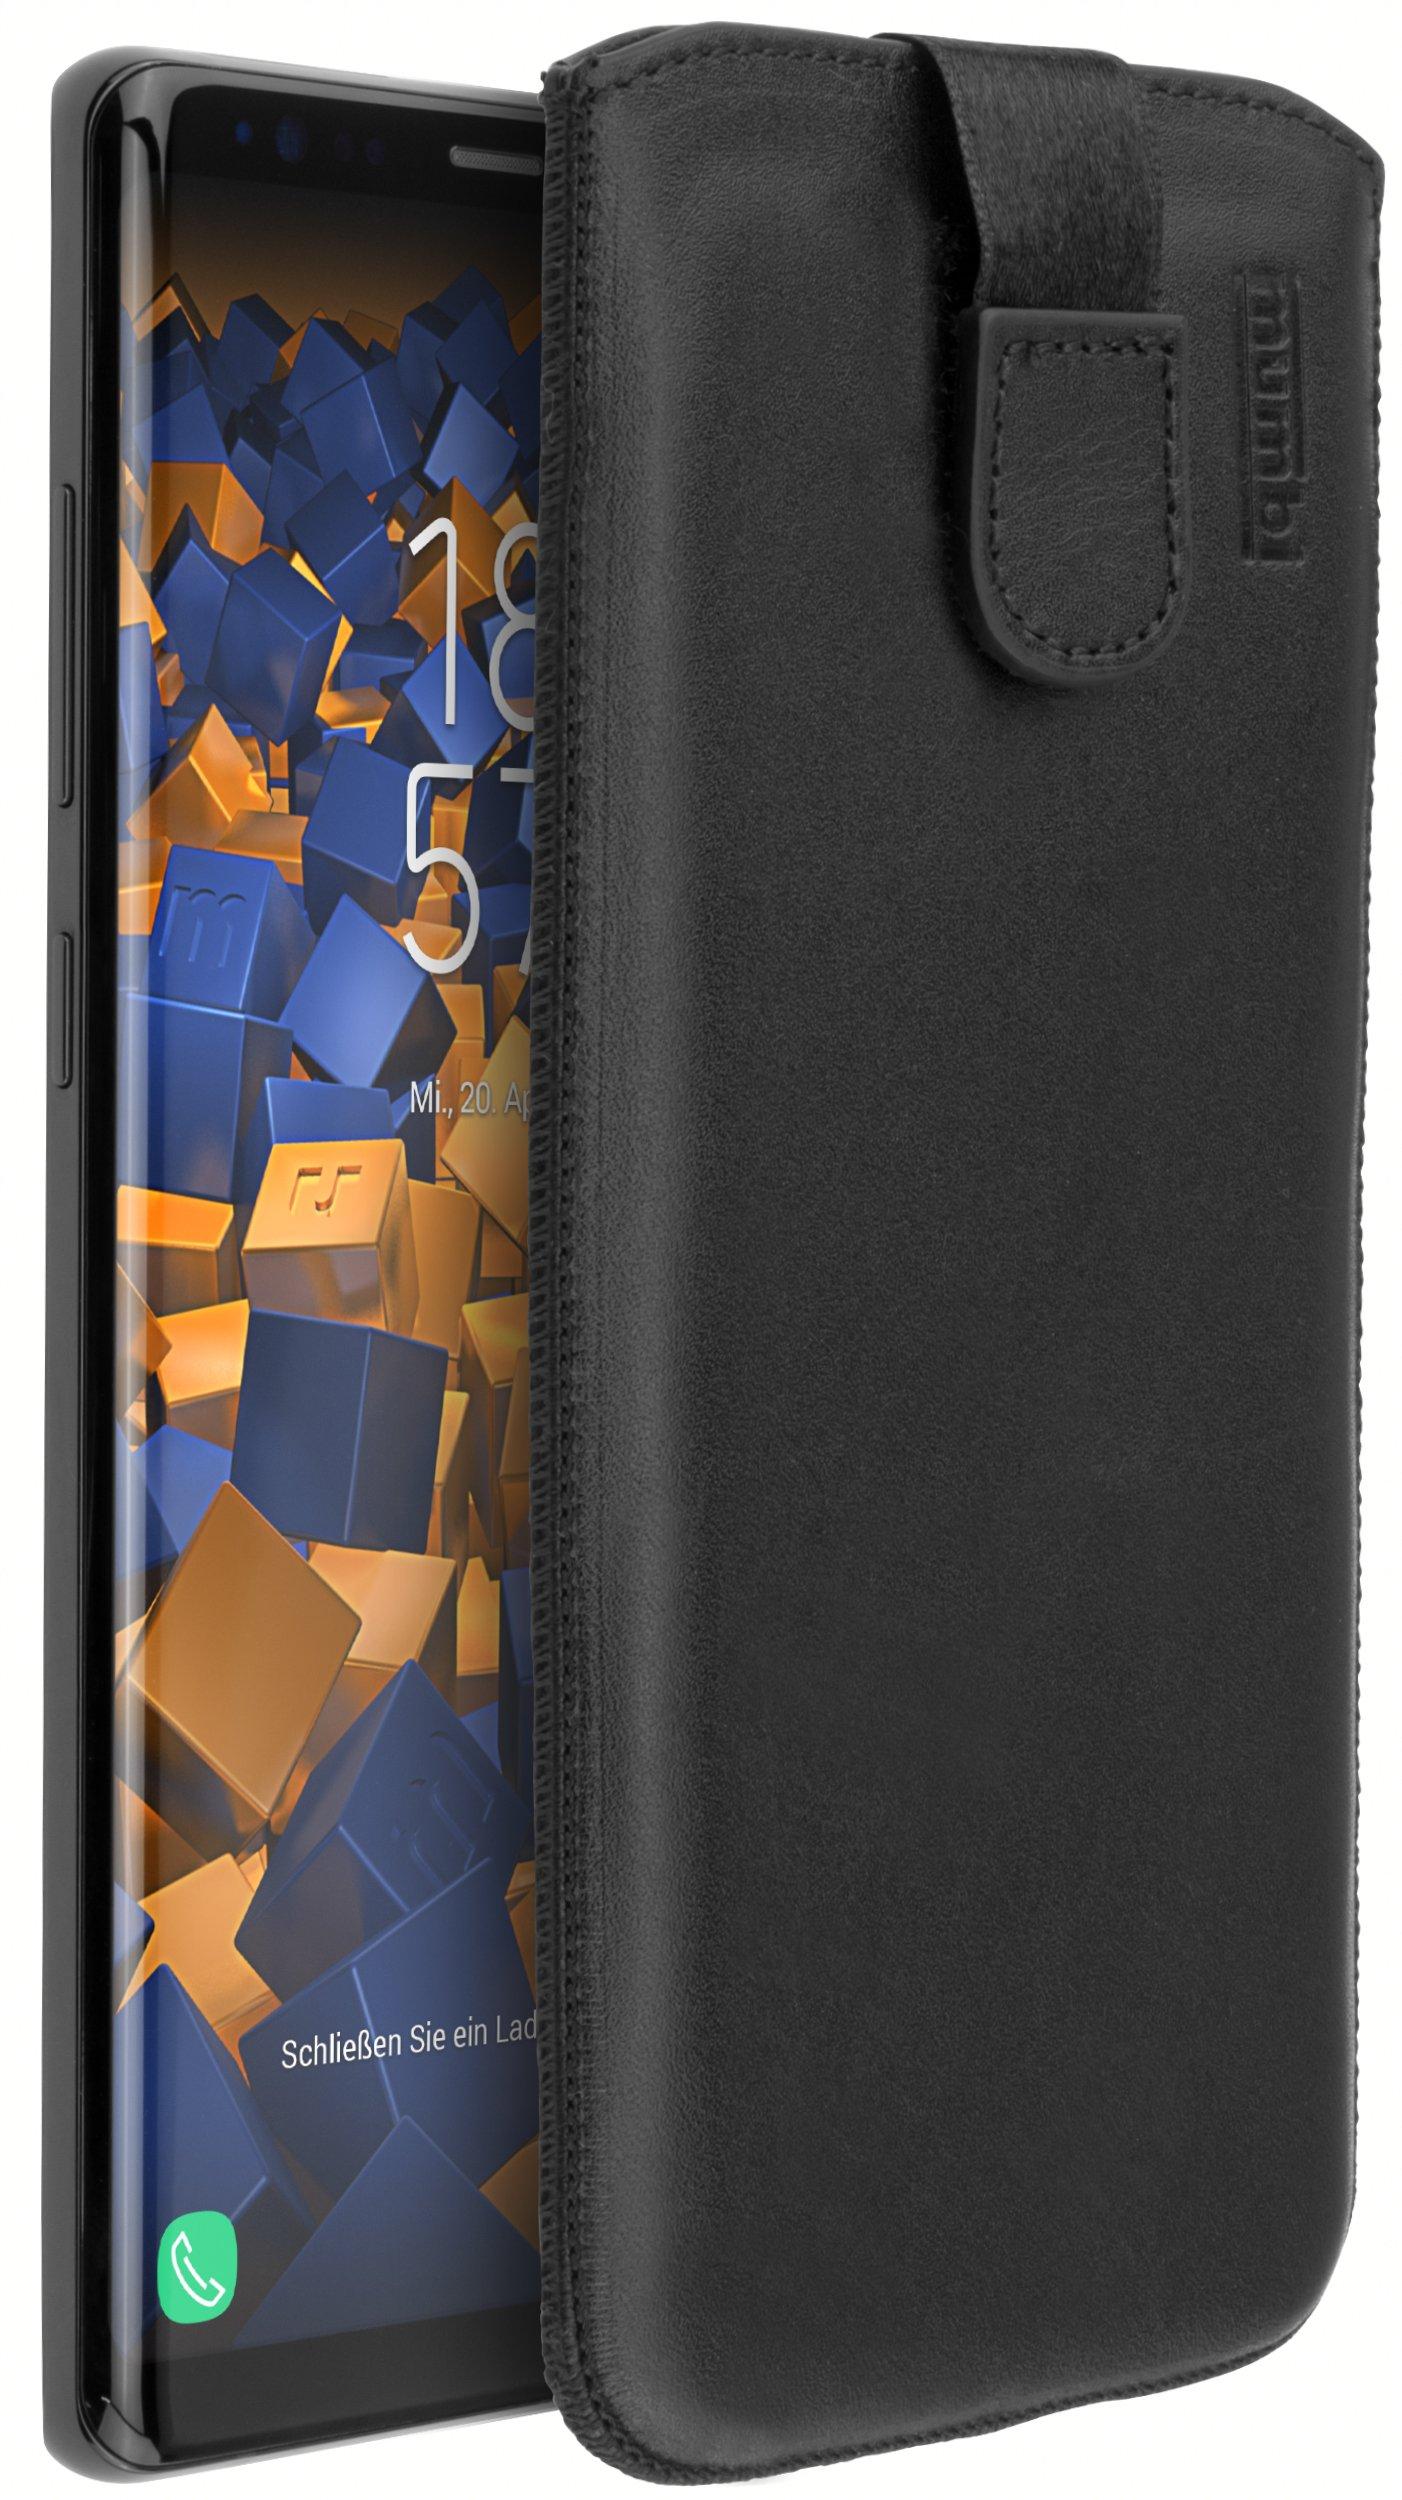 サムスンギャラクシーNOTE8レザージャケット用ムンビ革製携帯電話ケース(取り外し可能な機能付き)